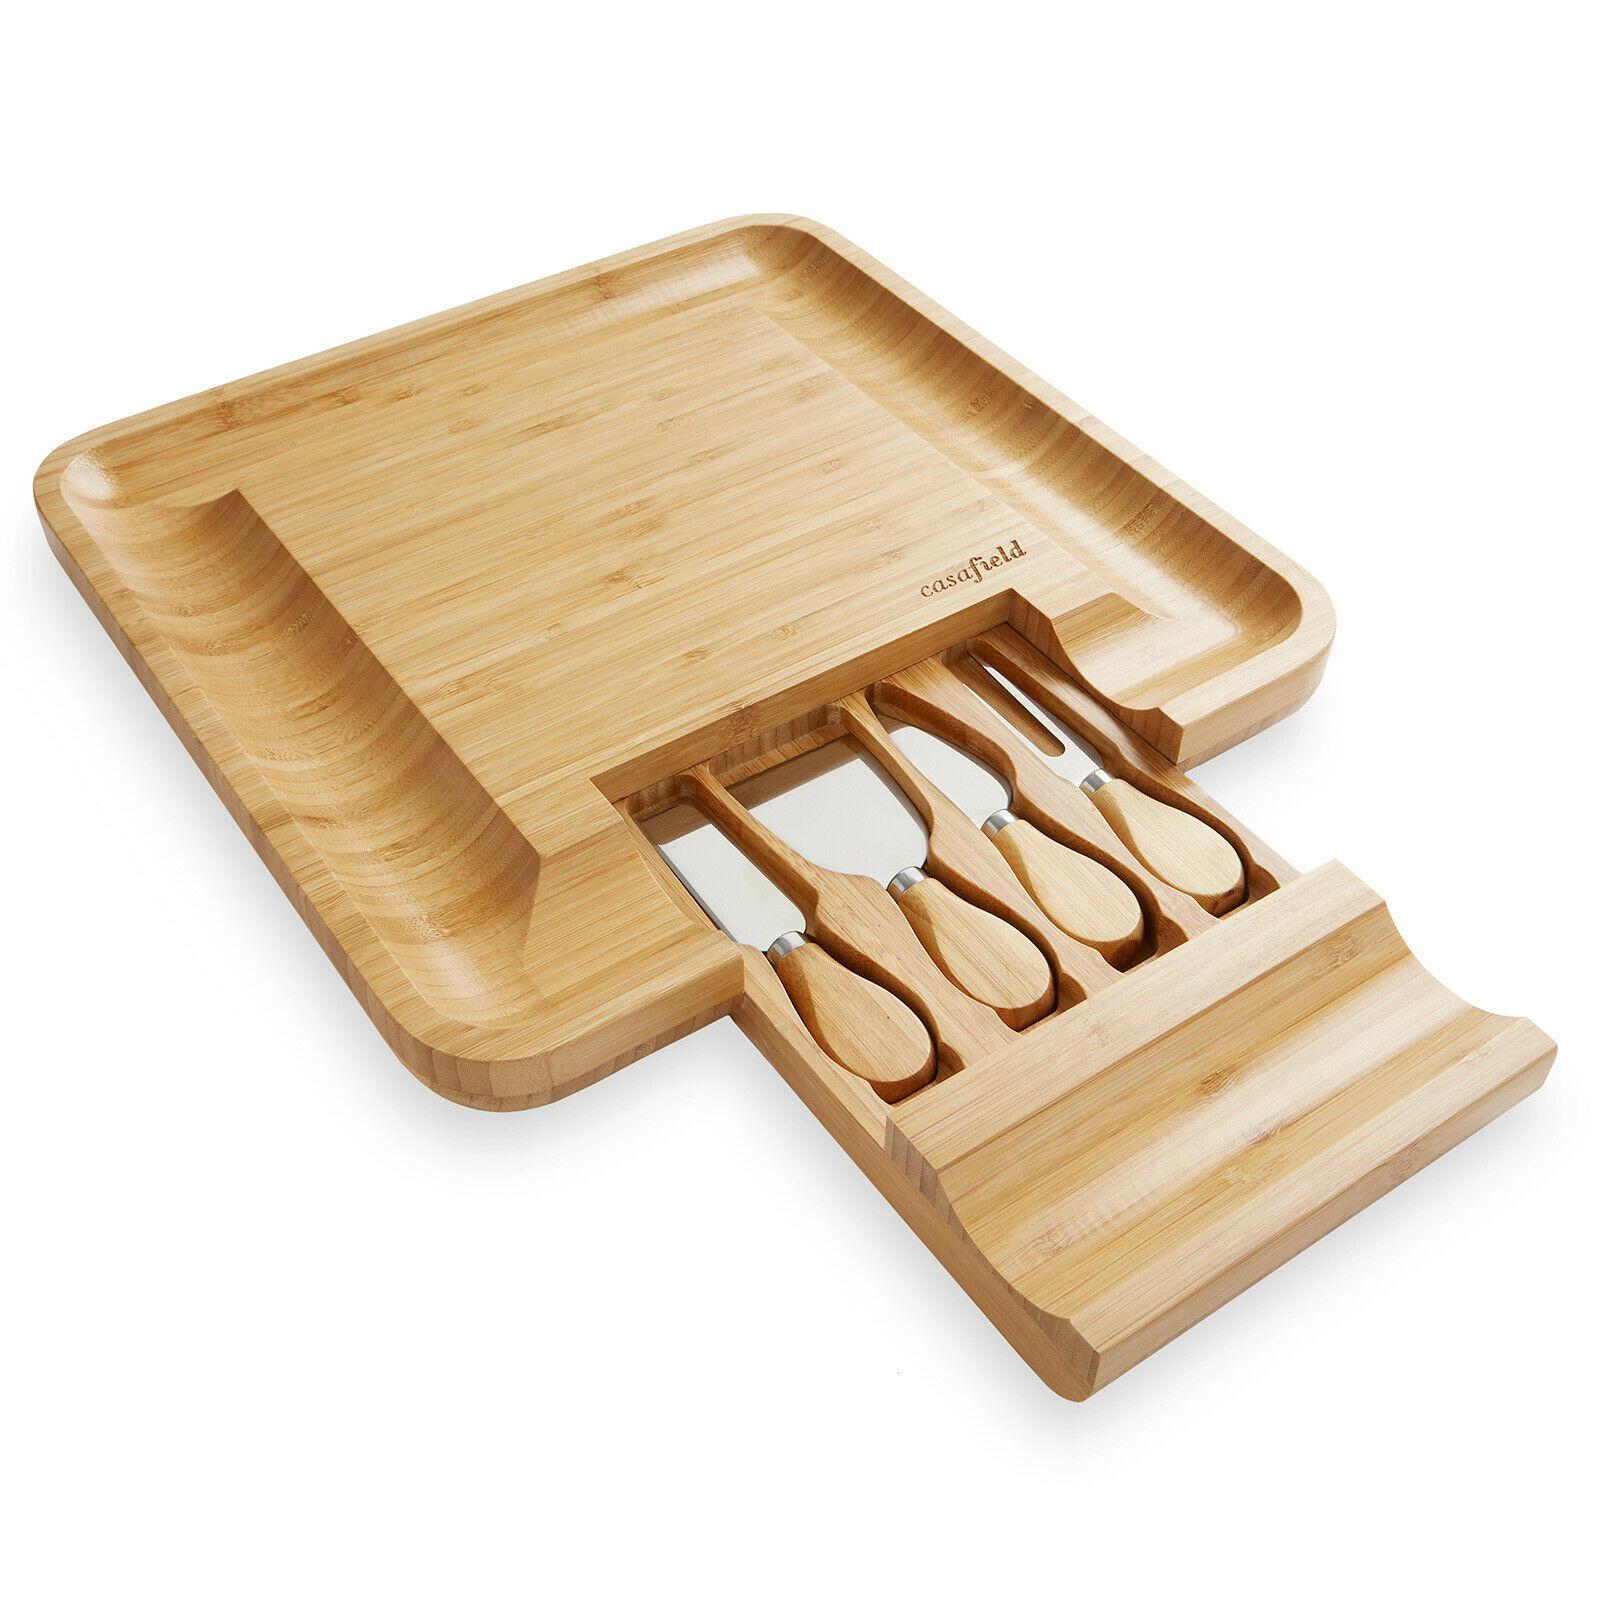 Hizmet Tepsi Kurulu Bıçak Hediye Seti Ahşap Şarküteri Et Kesme Bambu Peynir